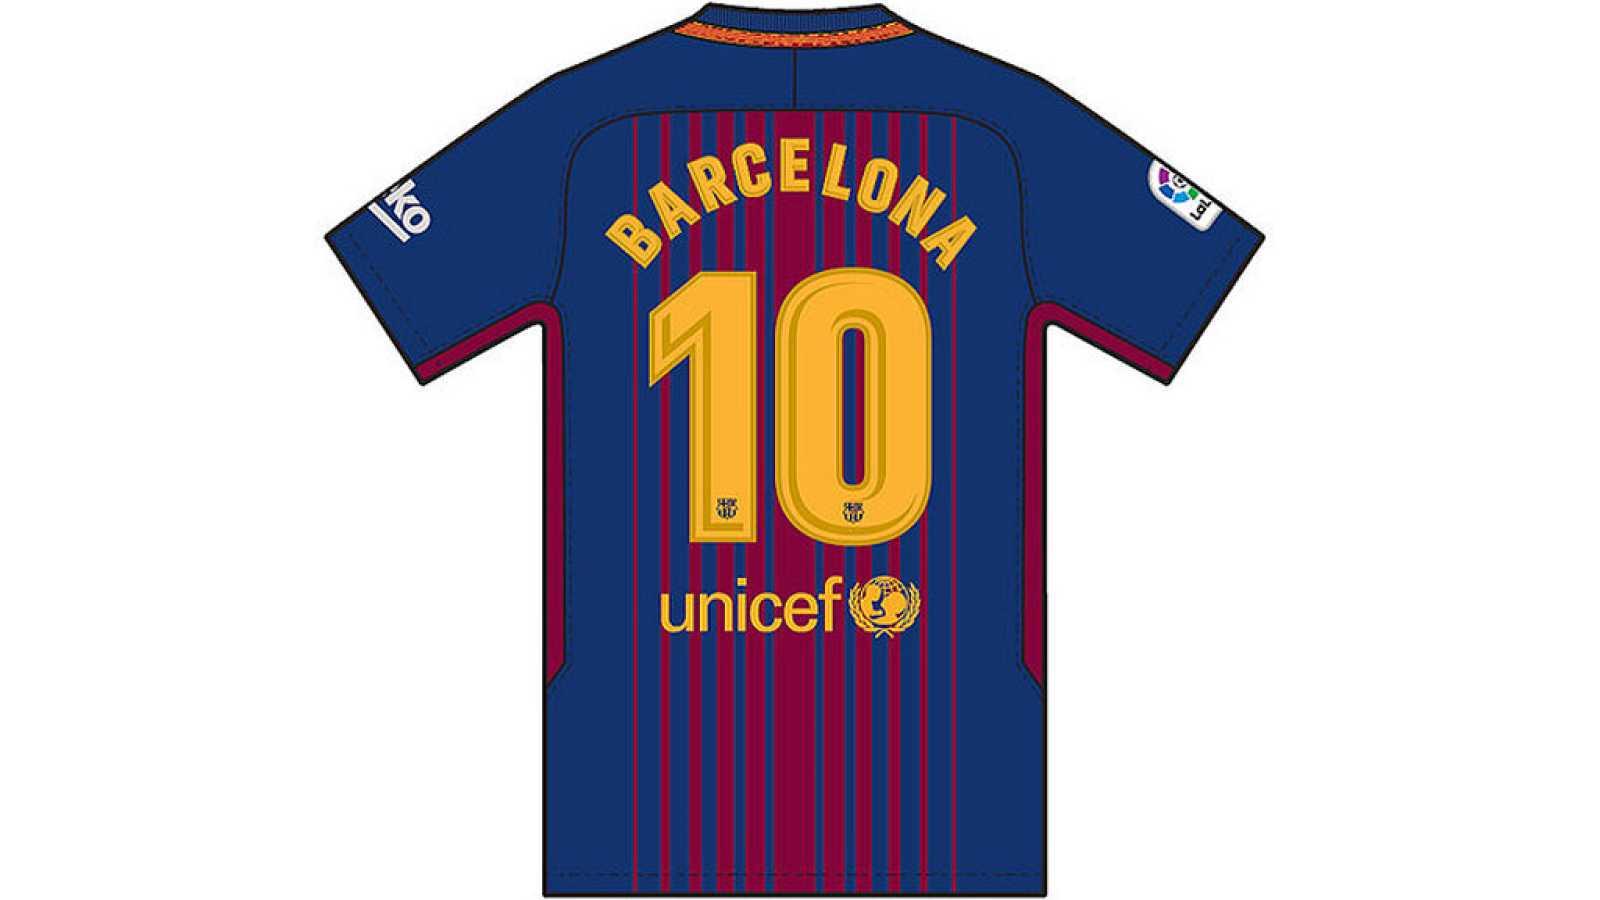 Para todos los públicos El Barça lucirá una camiseta en homenaje a las  víctimas de los atentados de Barcelona reproducir video 3cf2fde8eb4